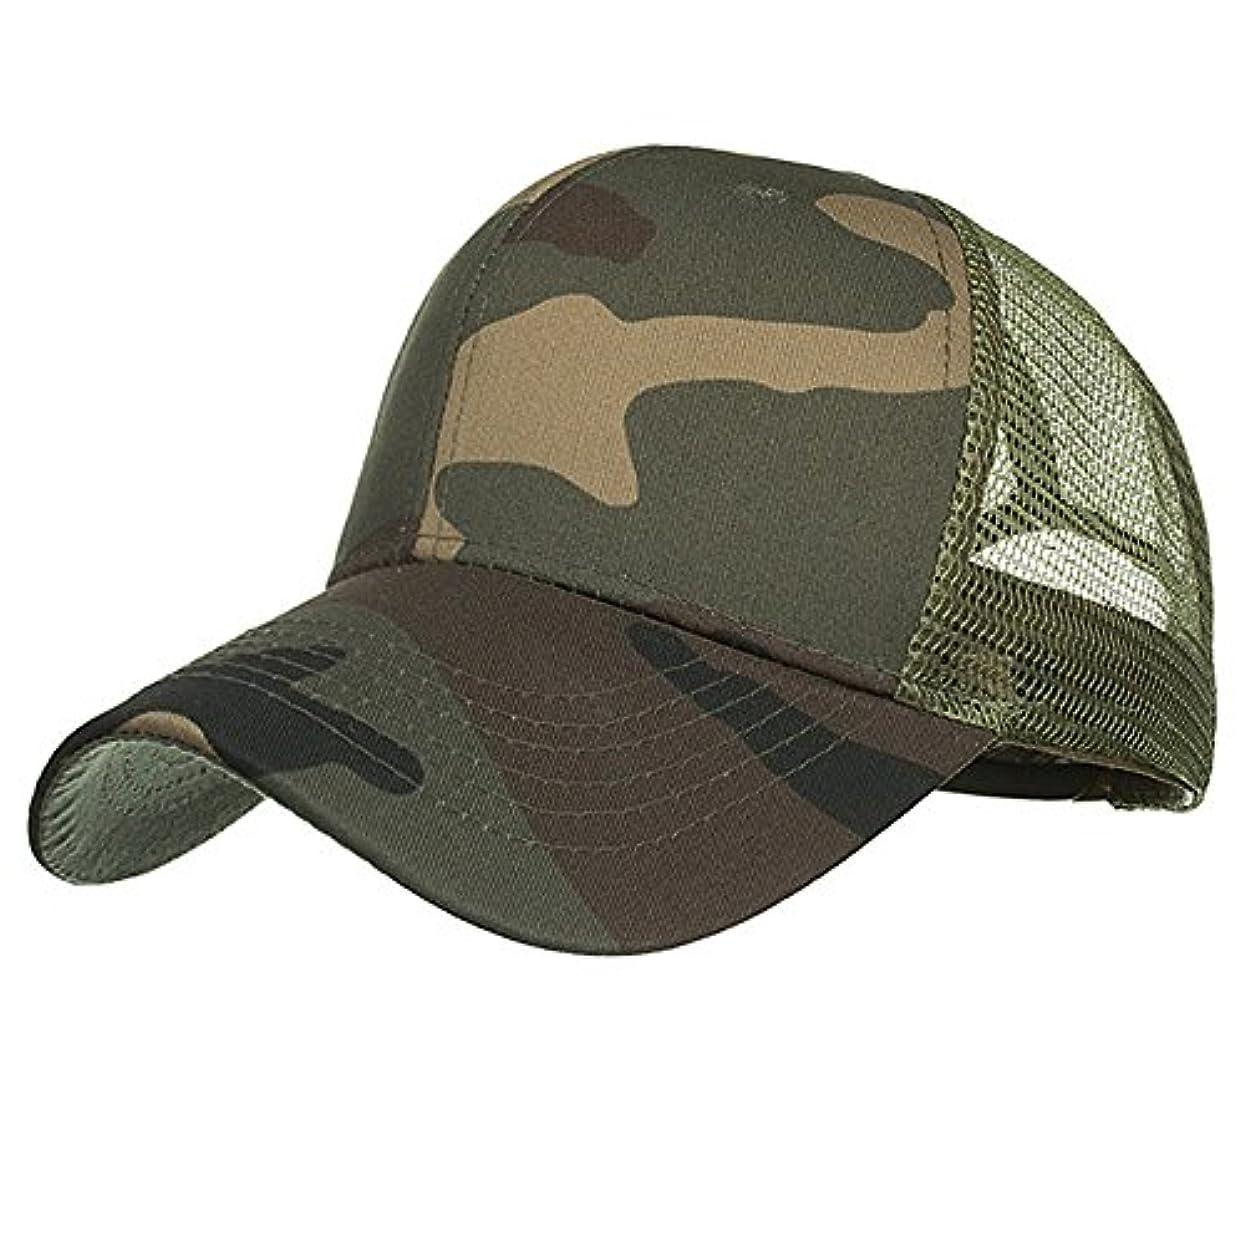 軸狐アクションRacazing Cap 迷彩 野球帽 メッシュステッチ 通気性のある 帽子 夏 登山 可調整可能 刺繍 棒球帽 UV 帽子 軽量 屋外 Unisex Hat (A)